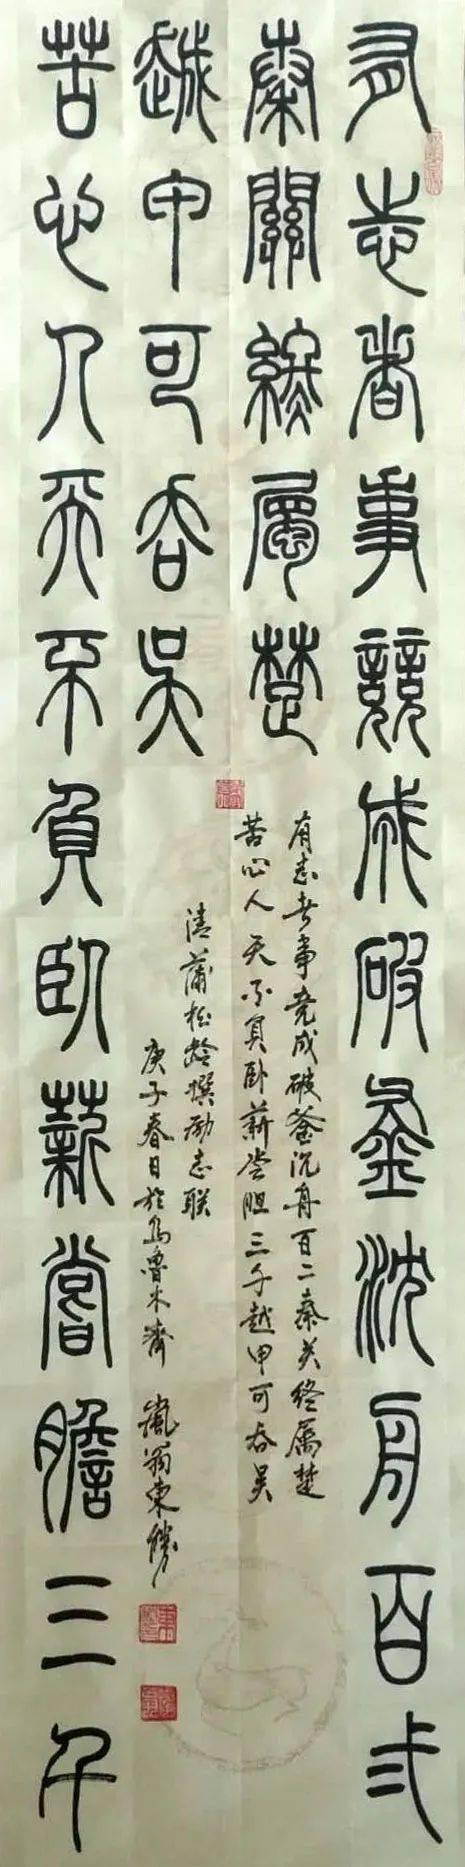 金牛贺岁•翰墨迎春 | 王东胜——当代优秀书画名家作品展_新疆